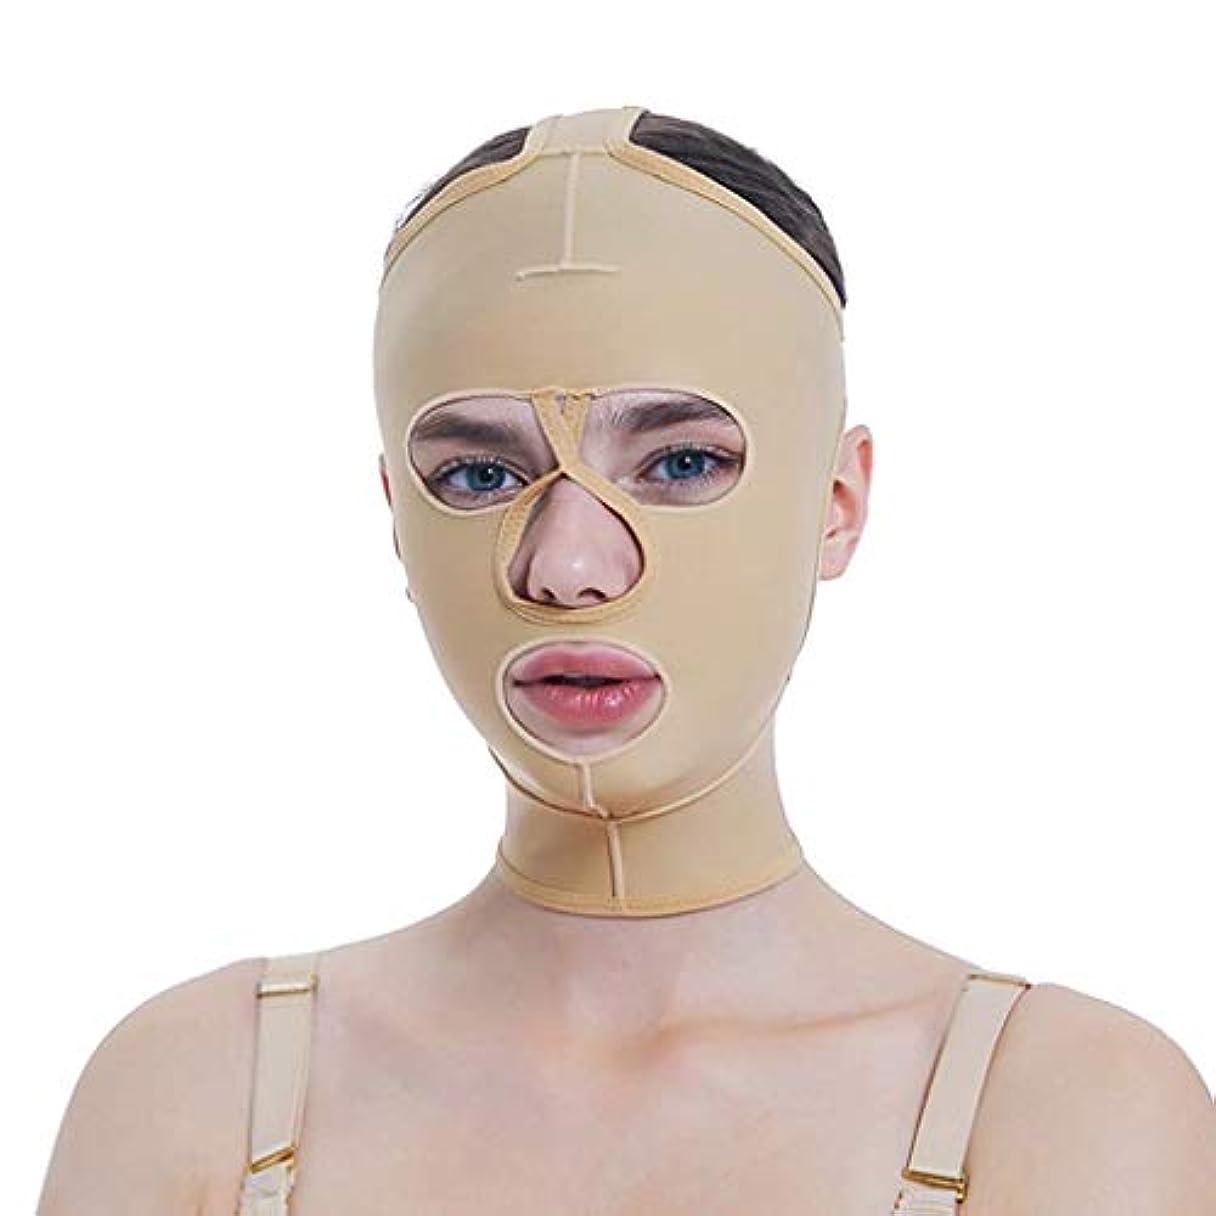 ソロ素朴な見つける脂肪吸引術用成型マスク、薄顔ウィッグVフェイスビームフェイス弾性スリーブマルチサイズオプション(サイズ:Xl)